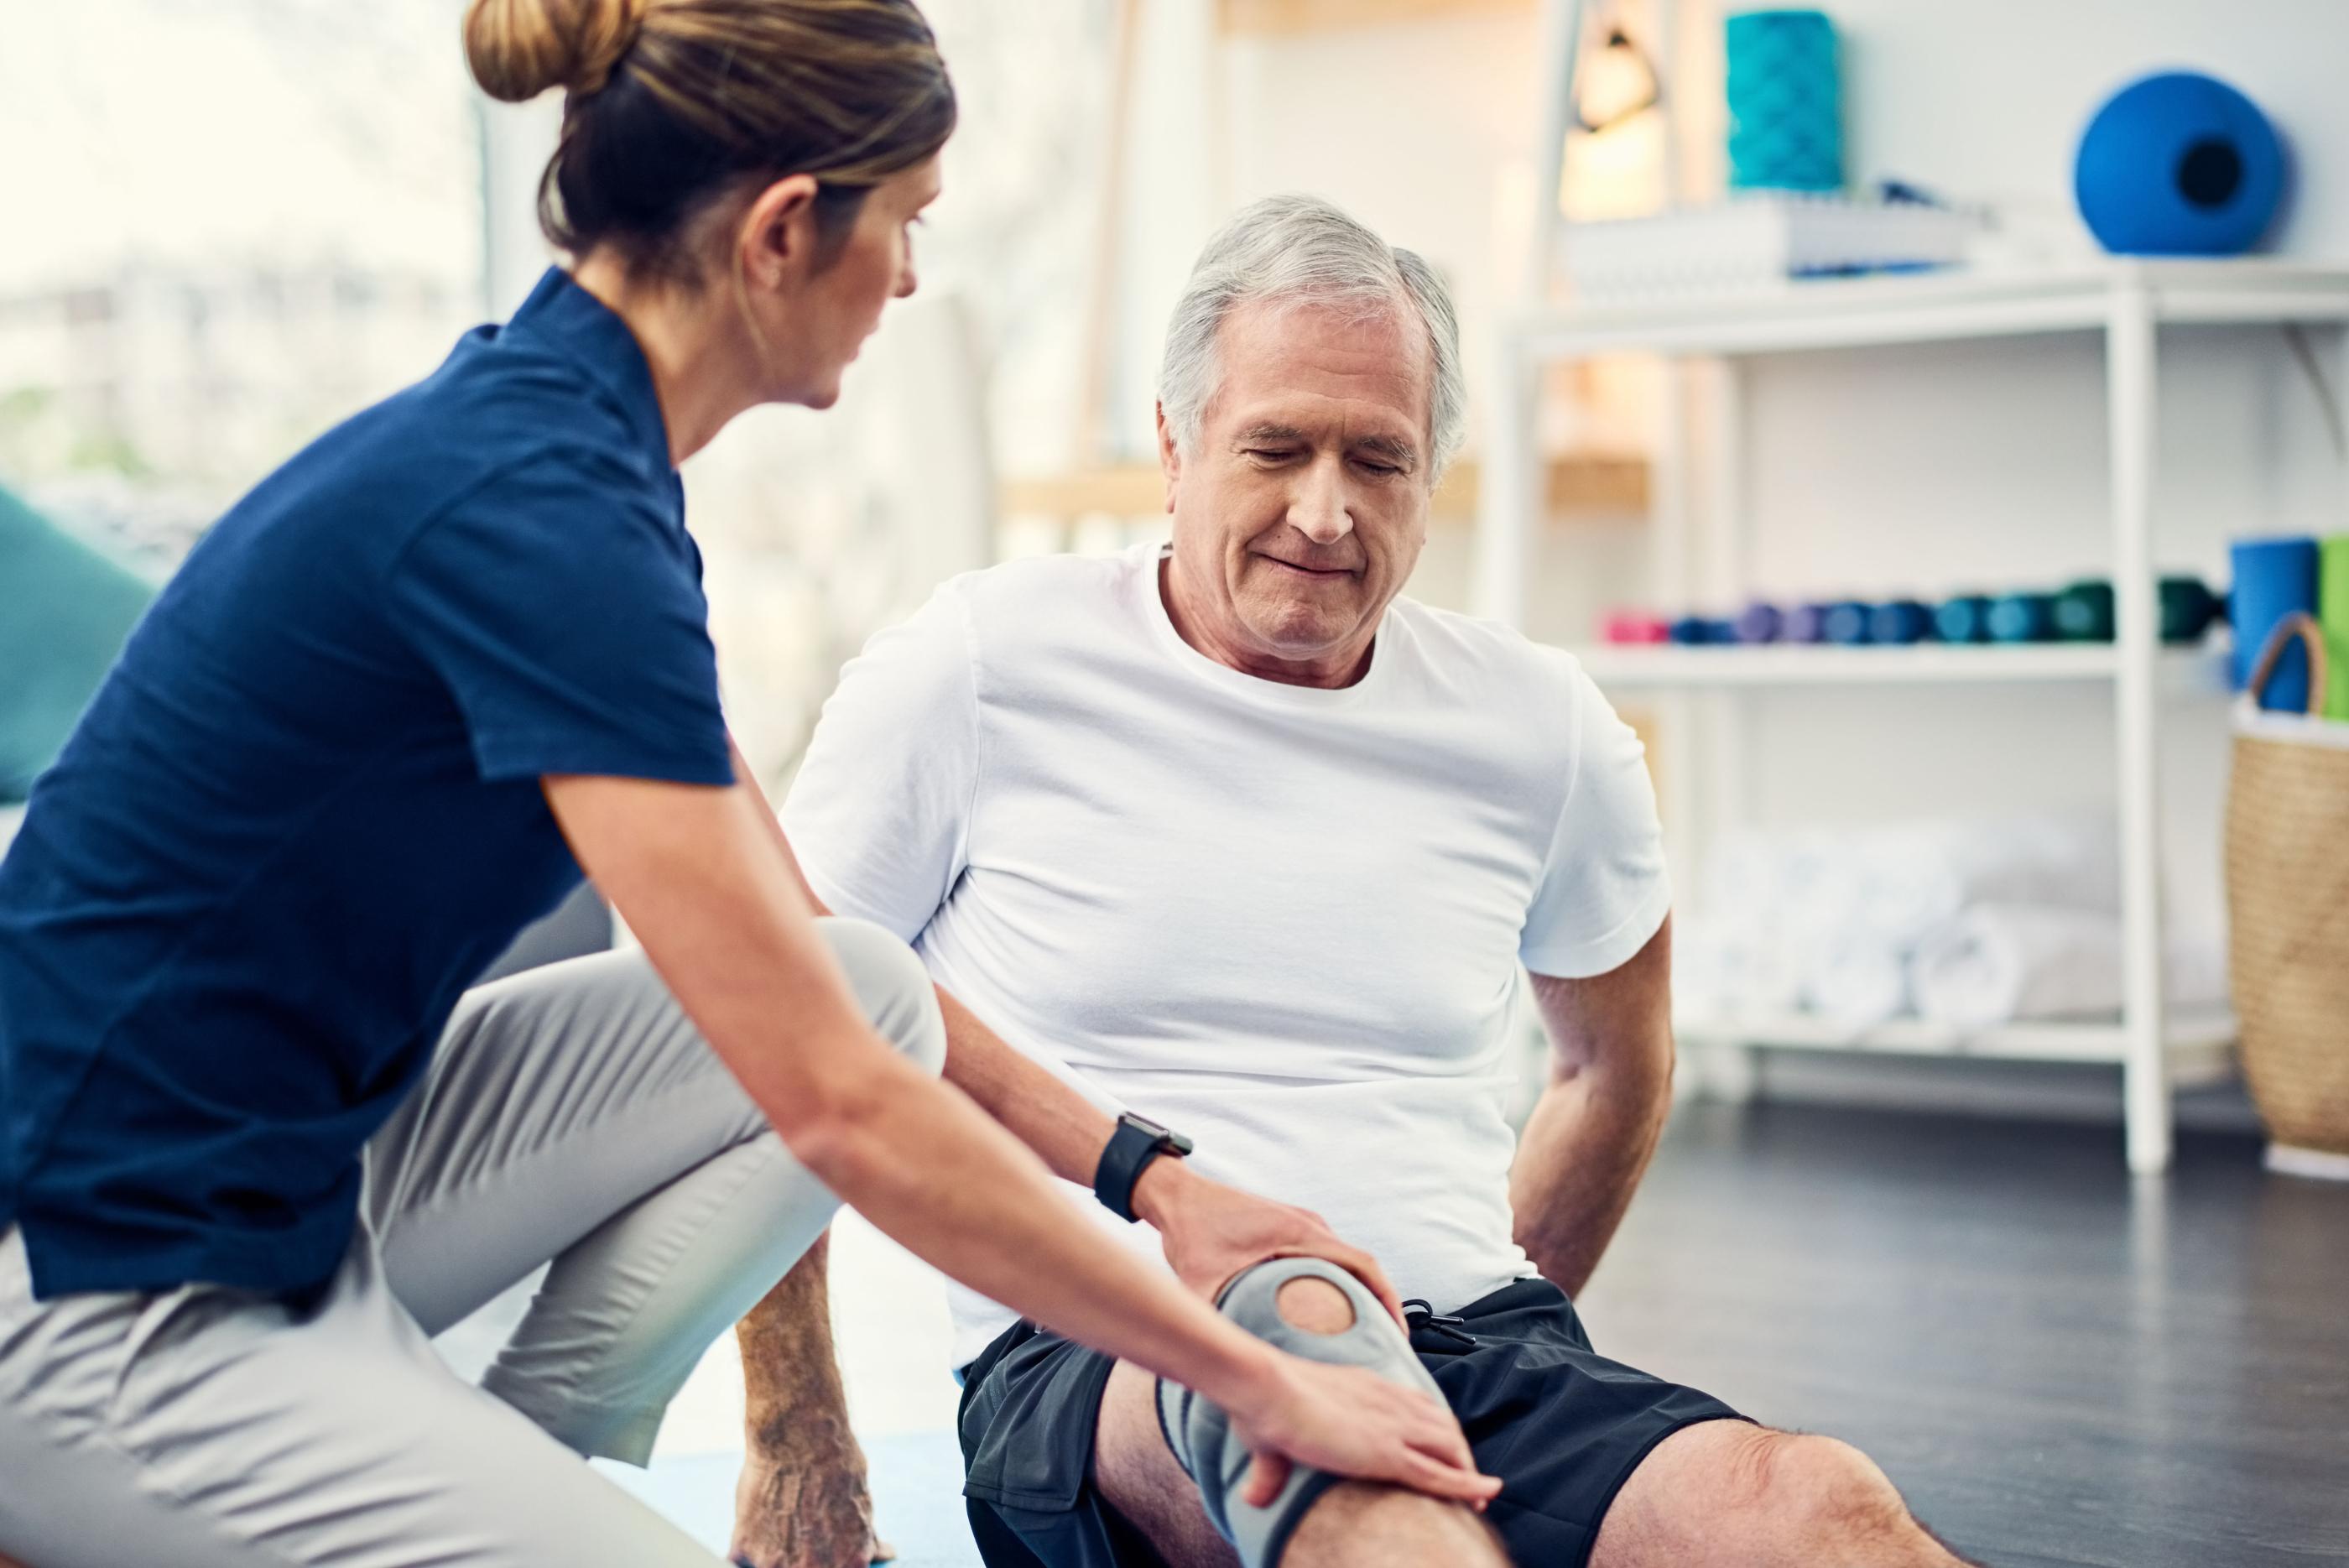 Physiotherapie Münster: Rehabilitation von Unfällen und Sportverletzungen für mehr Lebensqualität.